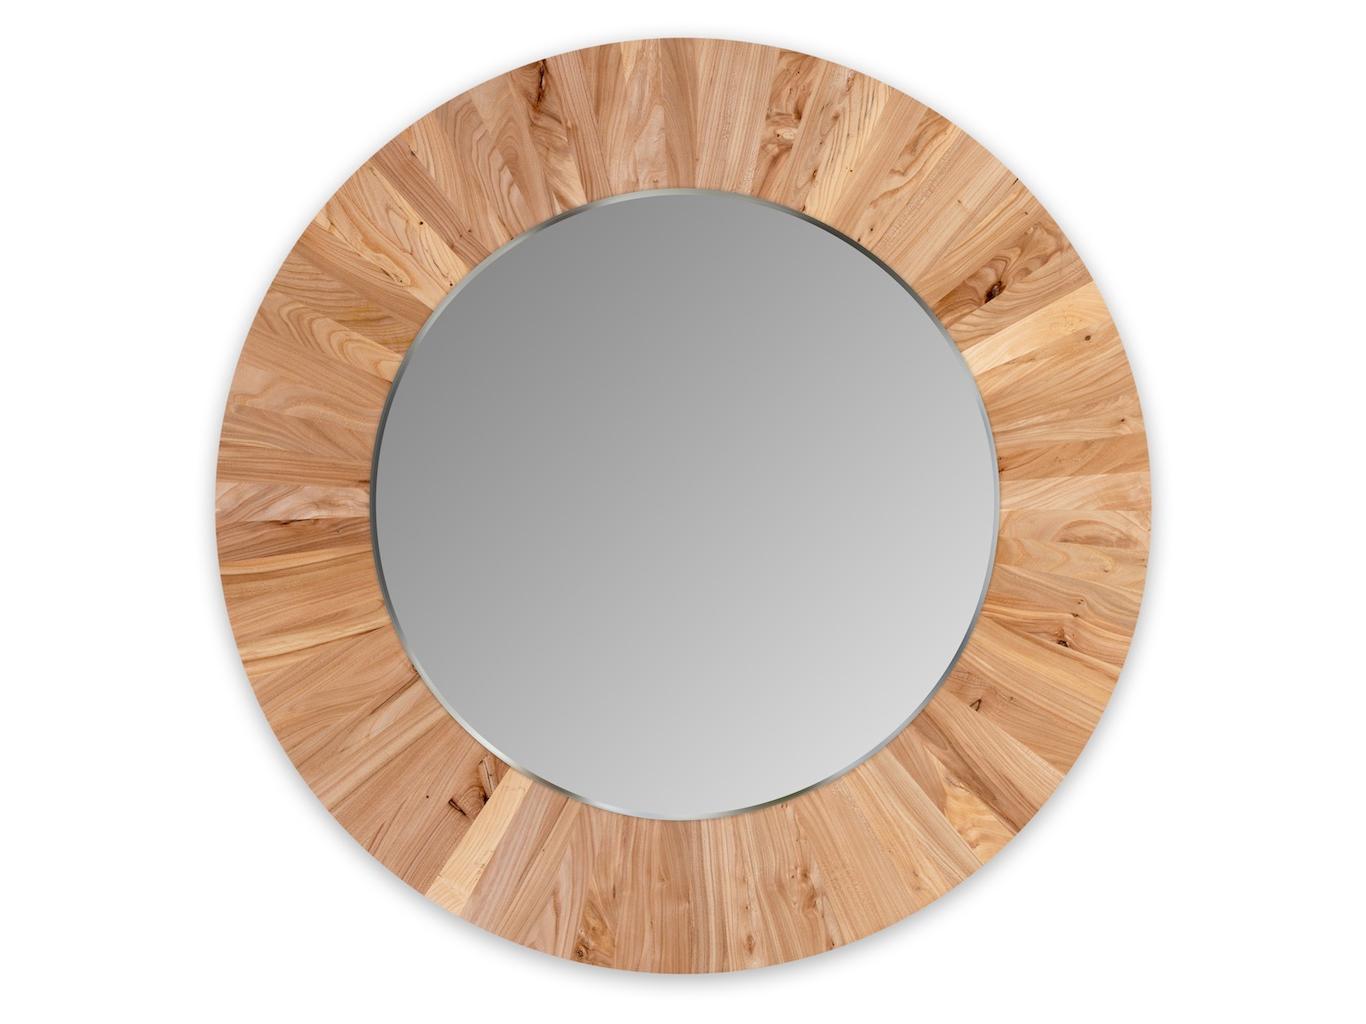 Круглое зеркало LESНастенные зеркала<br>Настенное, круглое зеркало LES не только украсит ваш интерьер, но и привнесёт в него частичку природы. Каждая оправа изготовлена вручную из 72 сегментов массива карагача. Неповторимый рисунок древесины и расположение сегментов, делает каждое зеркало уникальным и единственным в своём роде. Полотно зеркала имеет толщину 4мм и выполнено с фацетом. Оправа имеет естественный цвет карагача и обрабатывается натуральным, экологически-чистым маслом, что не вредит вашему здоровью и защищает оправу от внешних воздействий.<br>Сдержанность и лаконичность дизайна легко позволит вписать зеркало LES в любой интерьер.<br><br>Material: Дерево<br>Высота см: 4